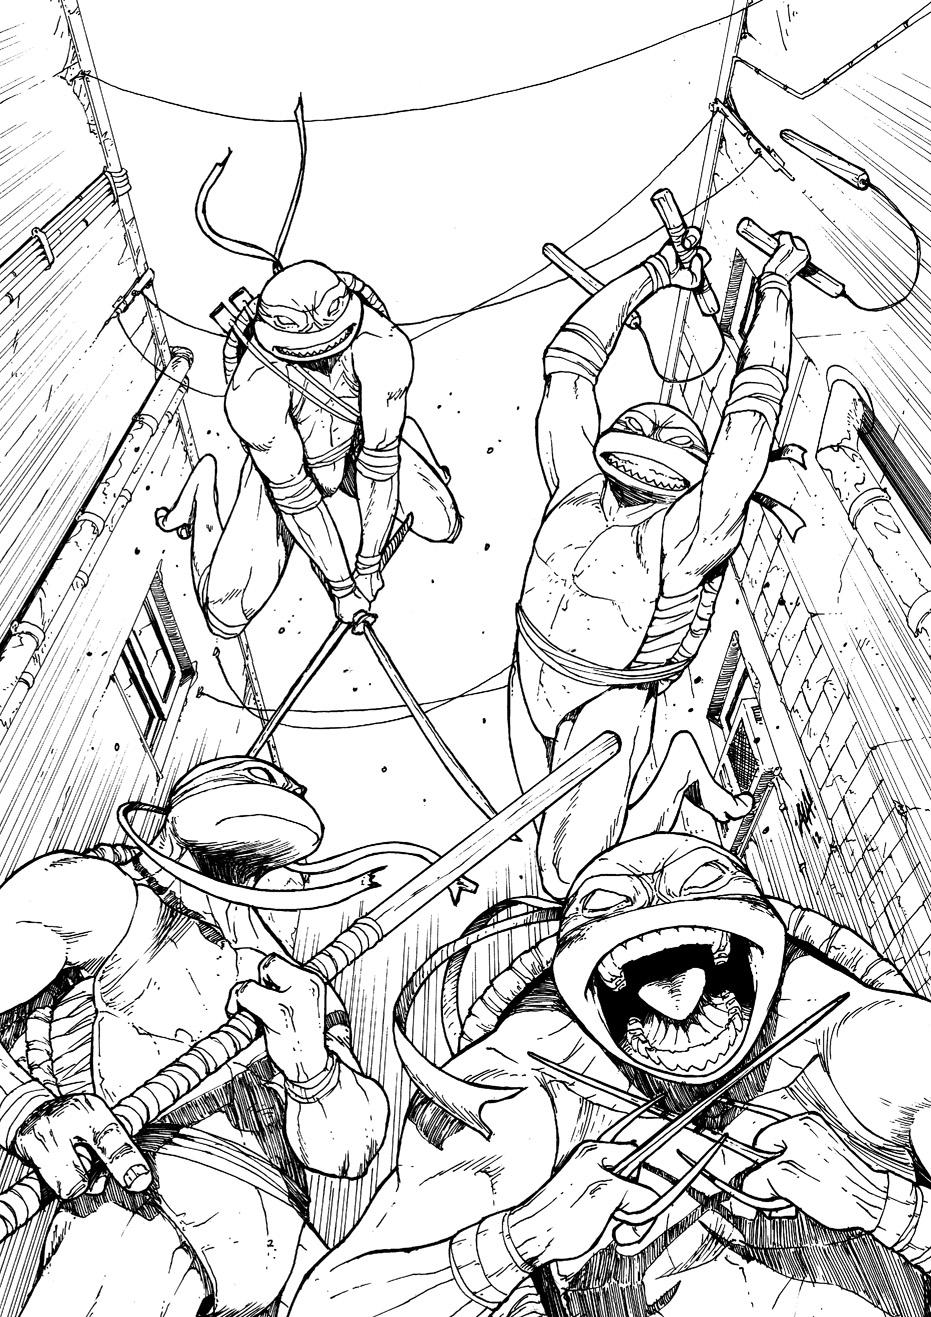 tmnt 2012 coloring pages - teenage mutant ninja turtles fake cover inks by erdna1